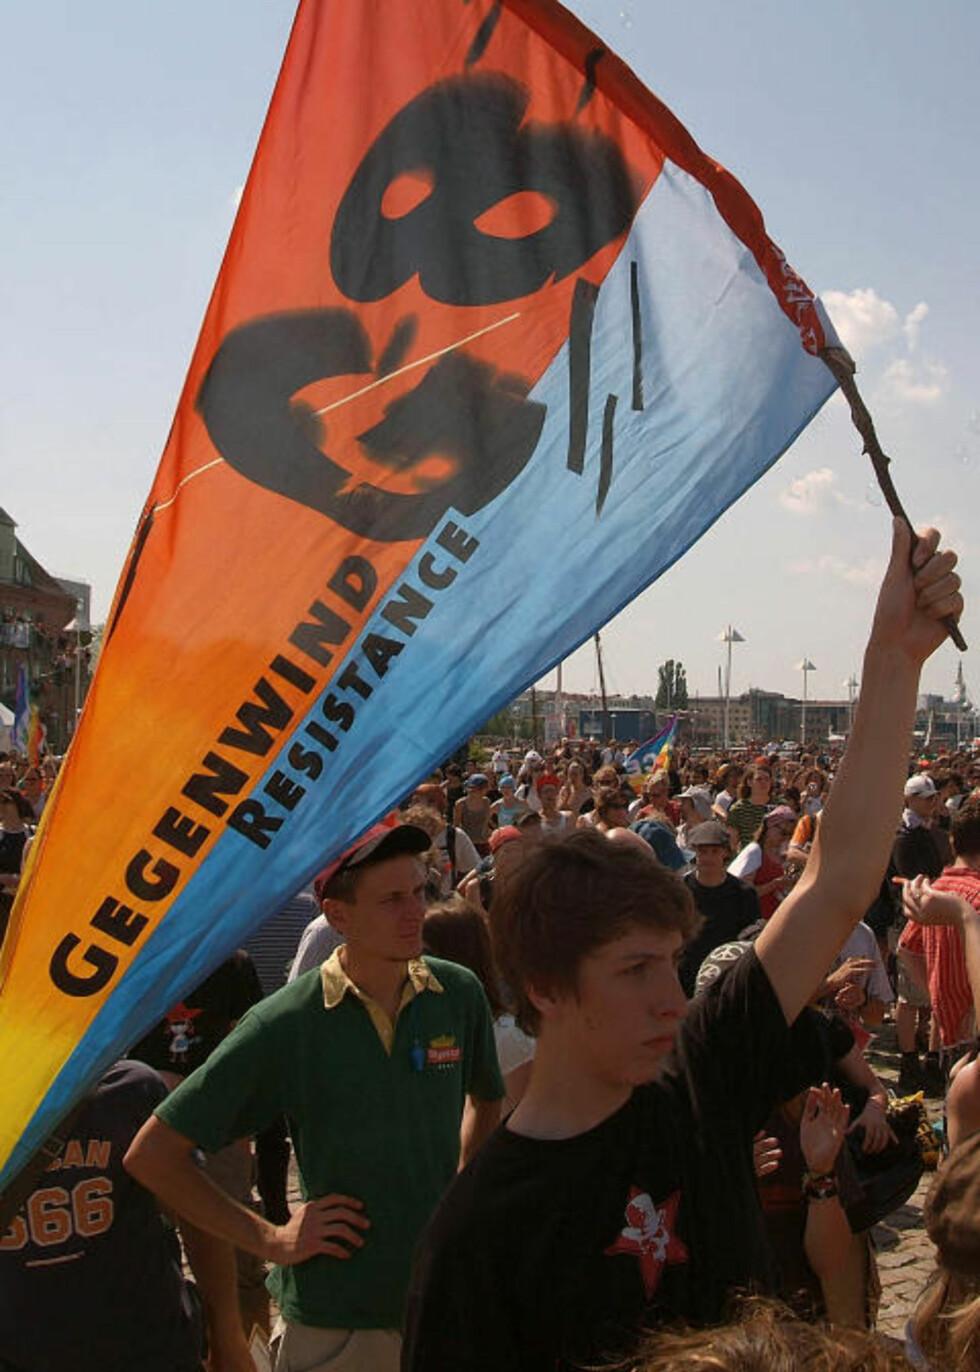 DELTOK I AKSJONER: Christian Høibø deltok i 2007 på store demonstrasjoner mot G8-toppmøtet i Tyskland i 2007, med representanter fra verdens rikeste industrinasjoner. Her deltok han blant annet i blokkaden av en vei inn til et kongressenter. På bildet demonstrerer folk fredelig i Rostock. Foto: Thomas Haentzschel/AP/SCANPIX